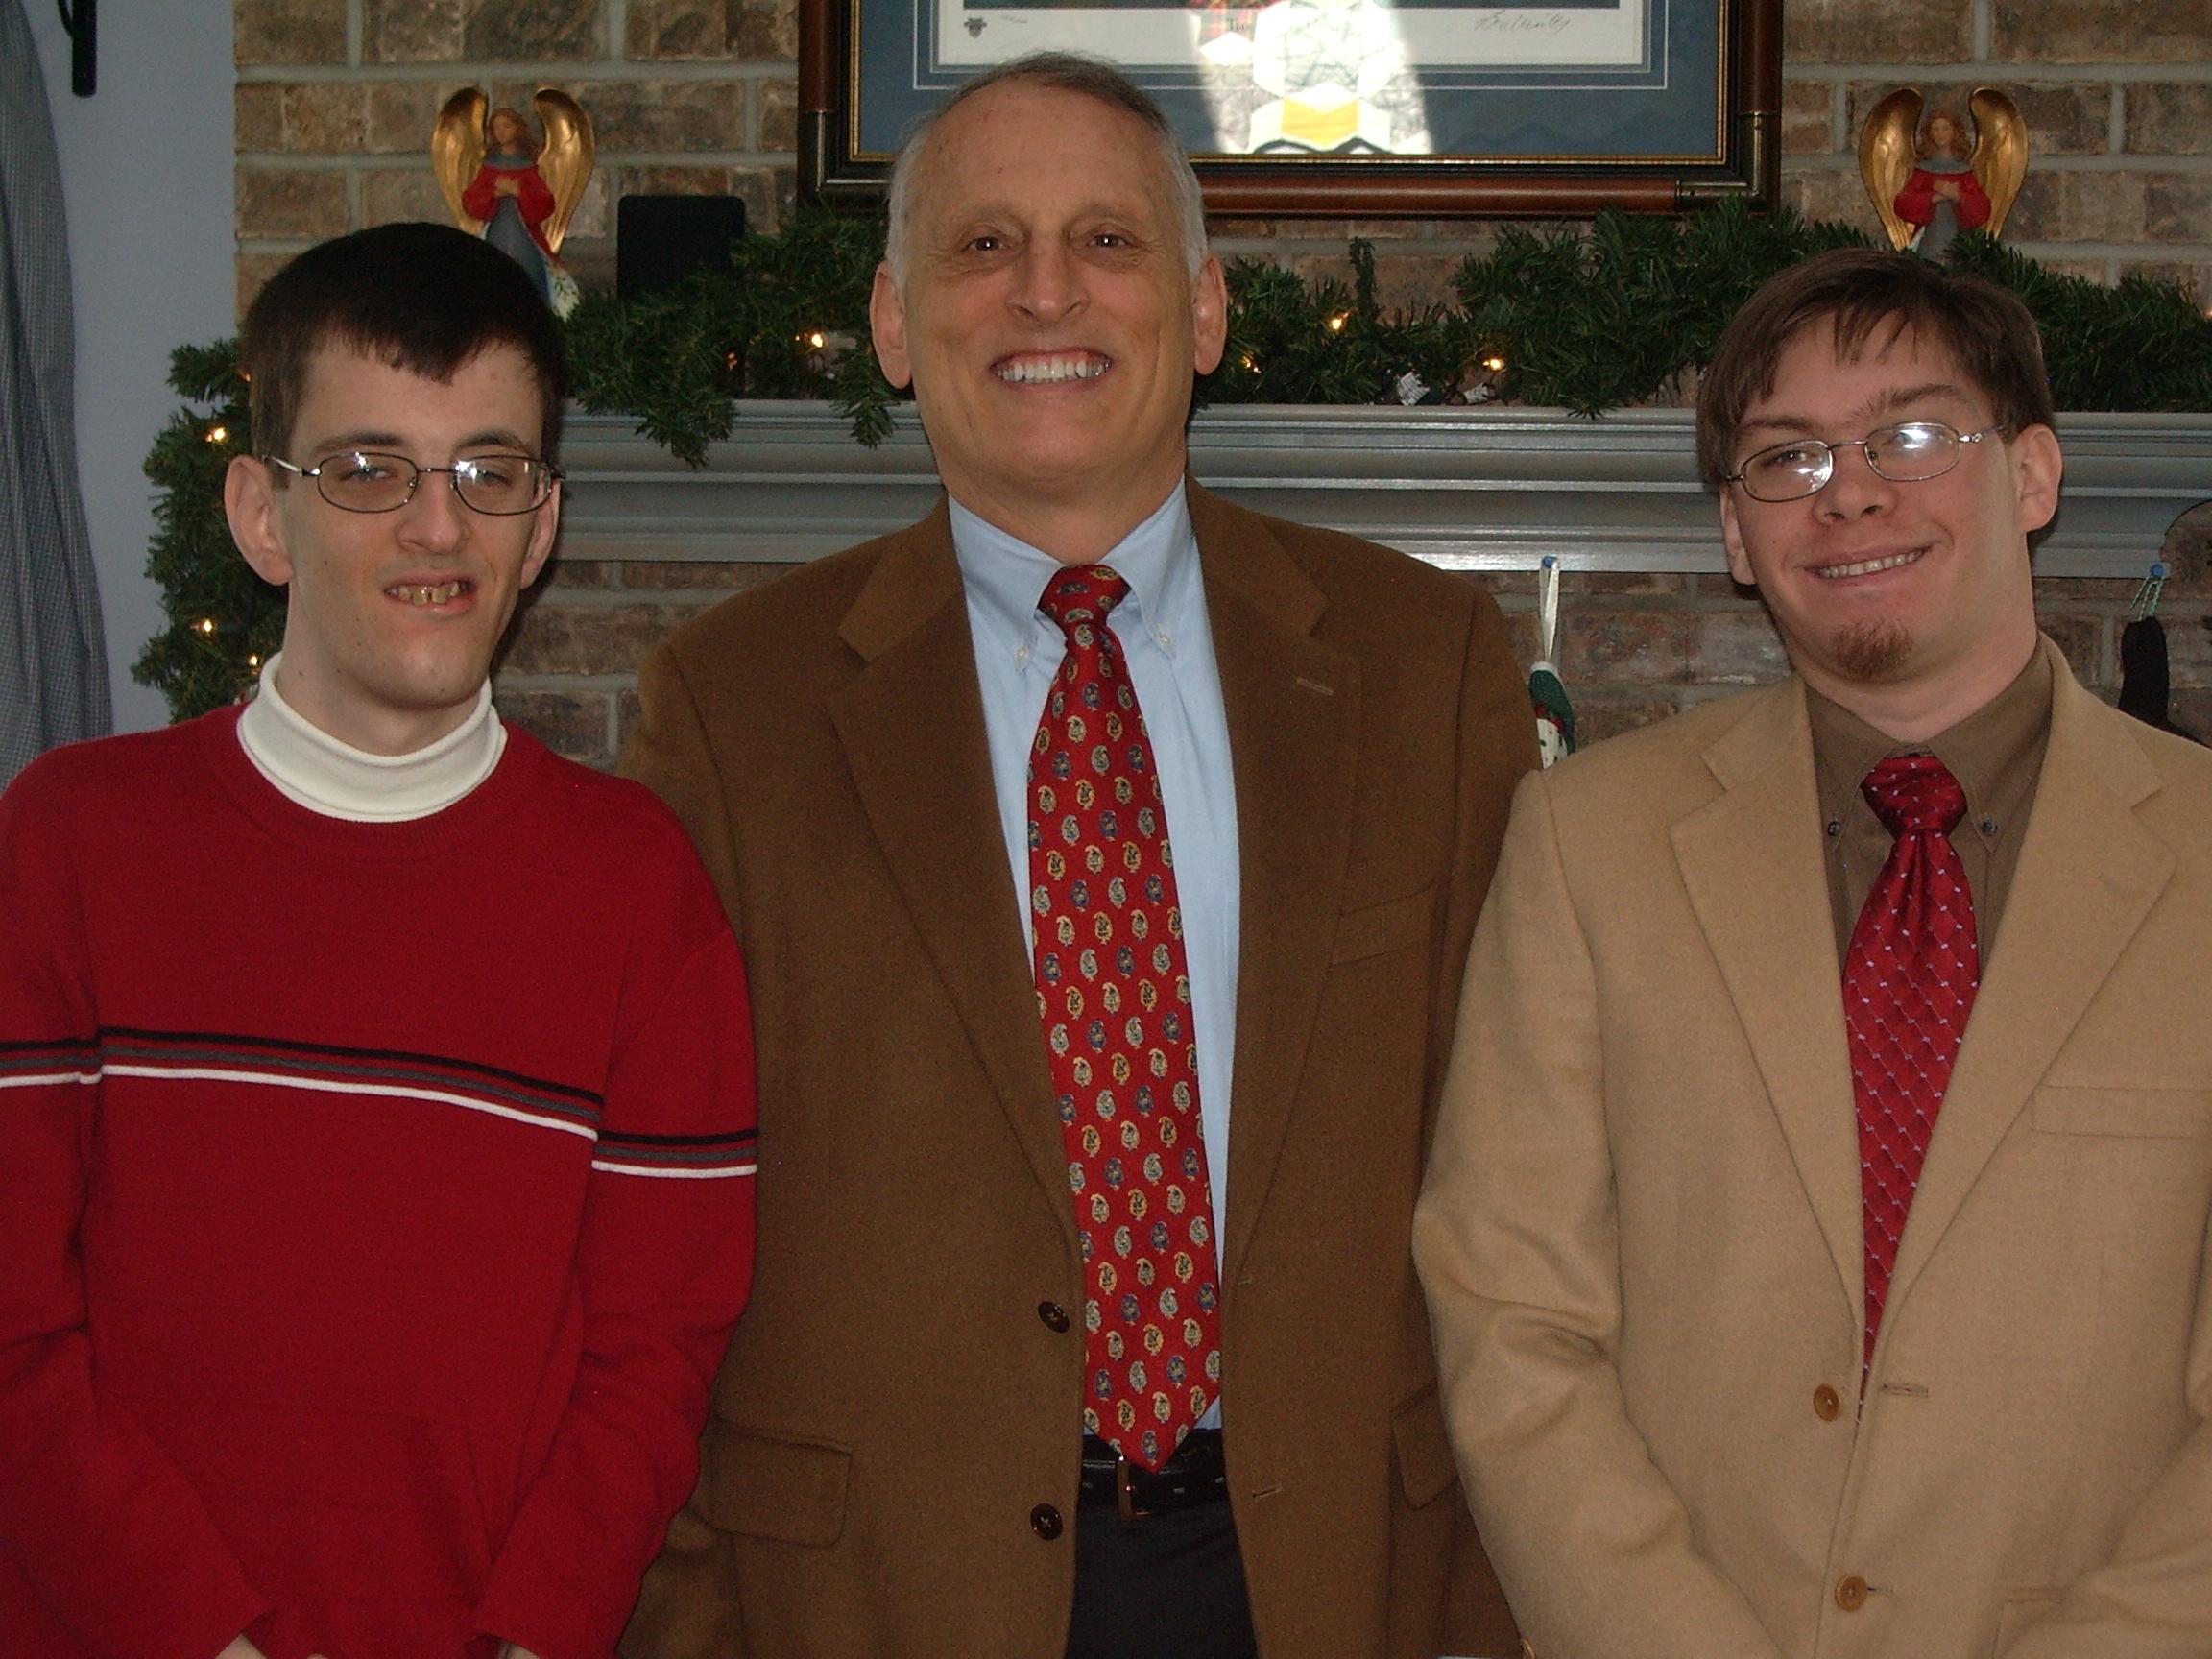 Leis Guys - Christmas 2011